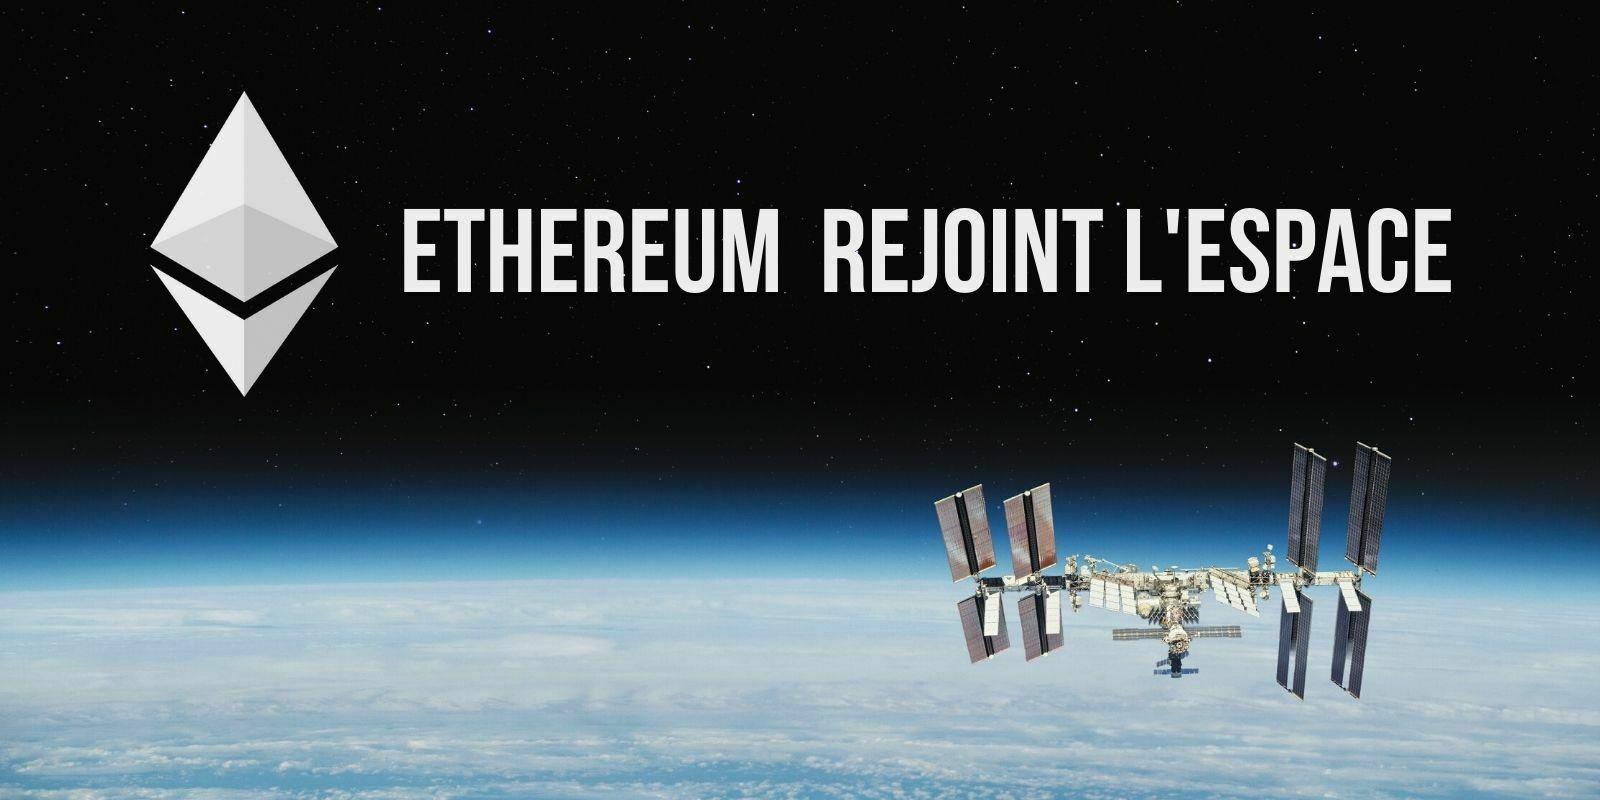 Une fusée de SpaceX envoie le premier nœud Ethereum à bord de l'ISS